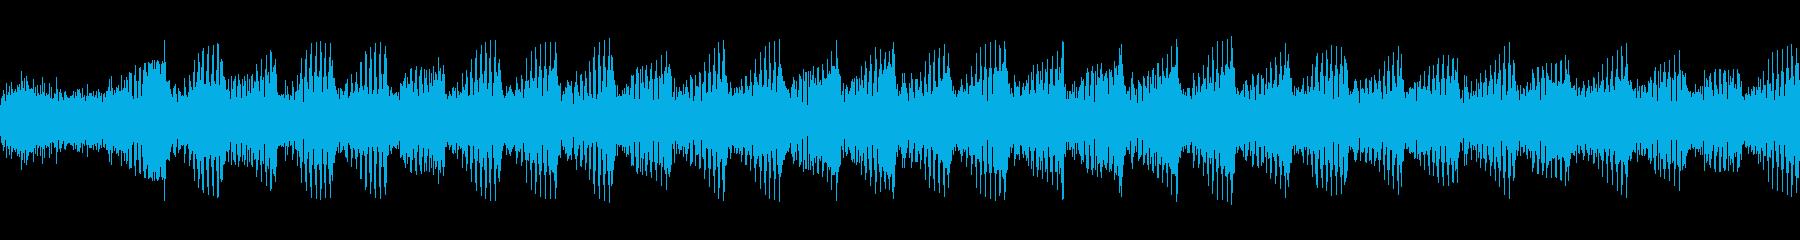 ヘビーギター3、BPM140、A、リフの再生済みの波形